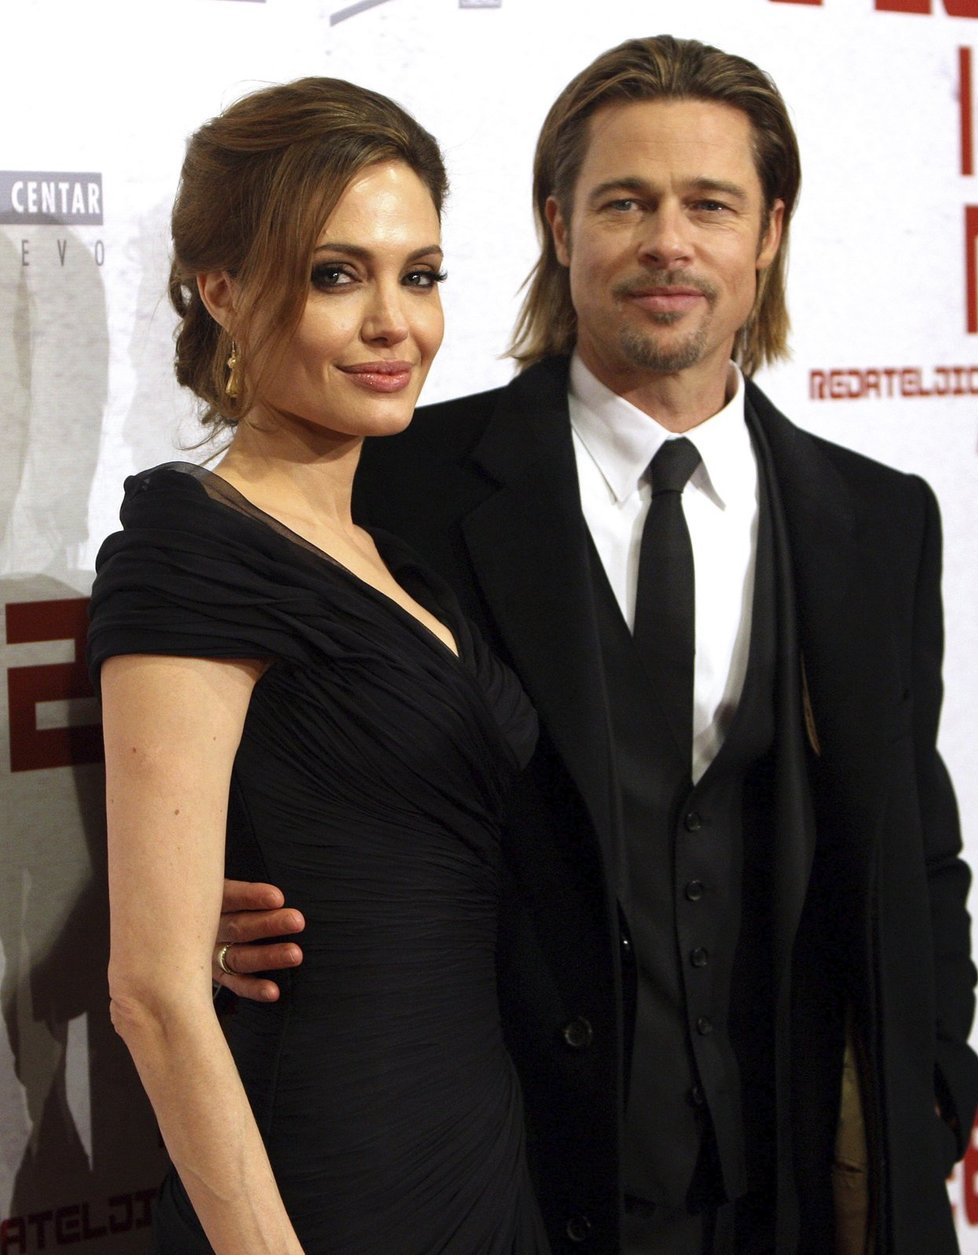 O nejlepší film soutěží také film Sázka na nejistotu, kde si zahrál Brad Pitt nebo Christian Bale.